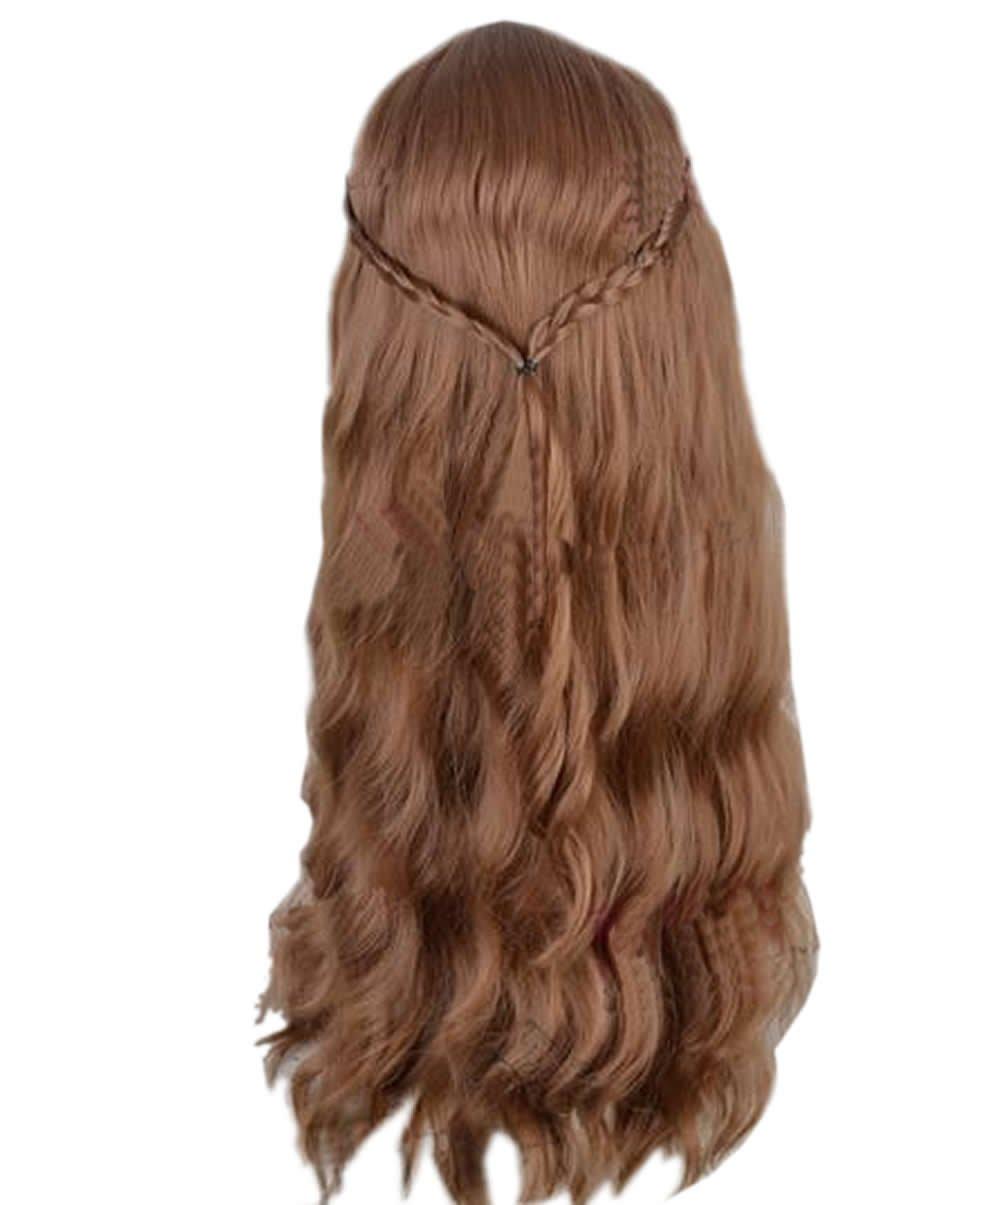 Peluca Larga y Ondulada Cosplay de Thrones Marrón Oscura Pelucas para Mujeres con Redecilla Wig Accesorio: Amazon.es: Belleza